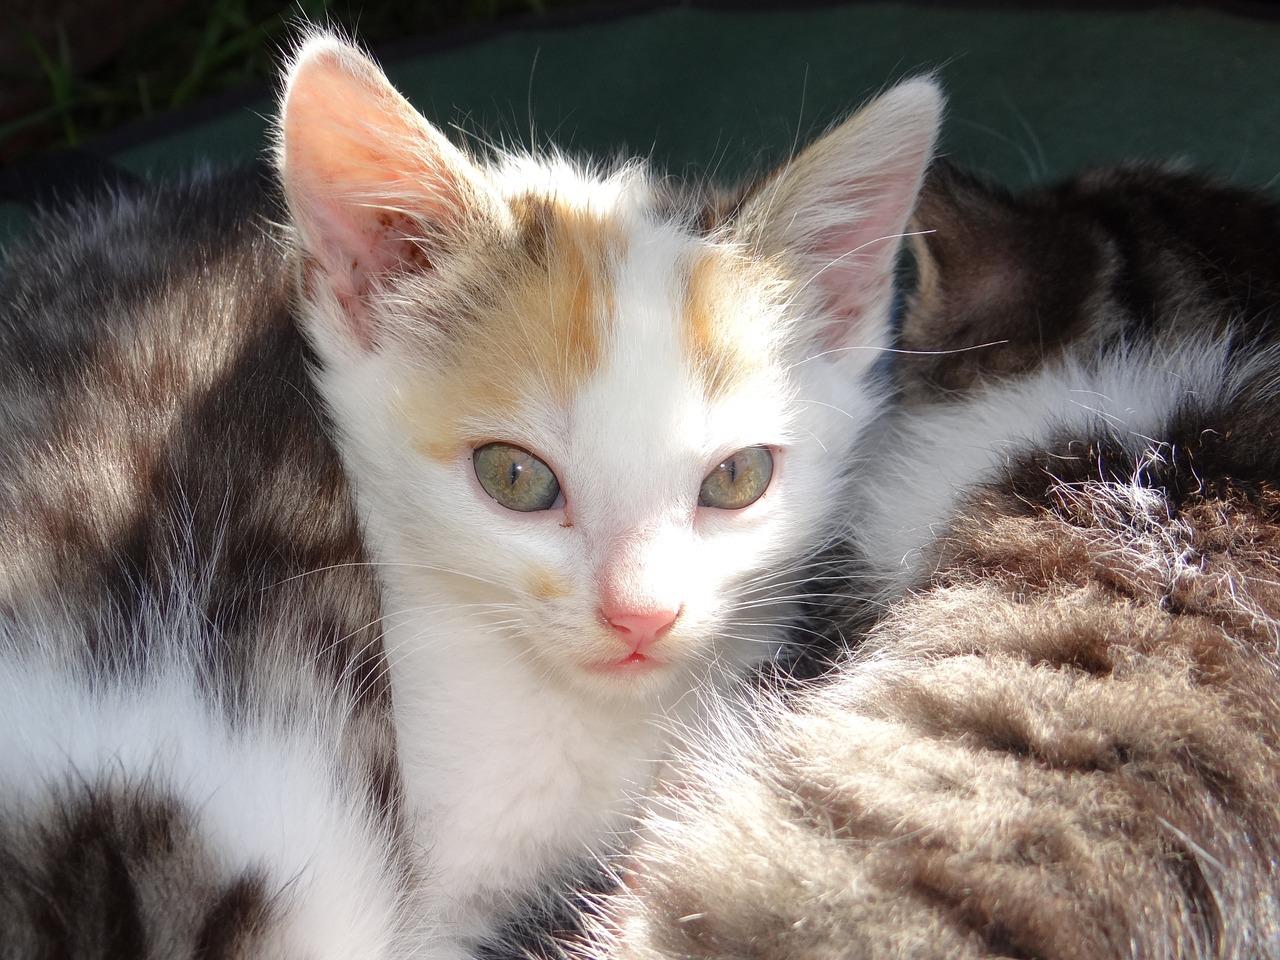 Alimenta a tu gato de un mes con comida para gatitos